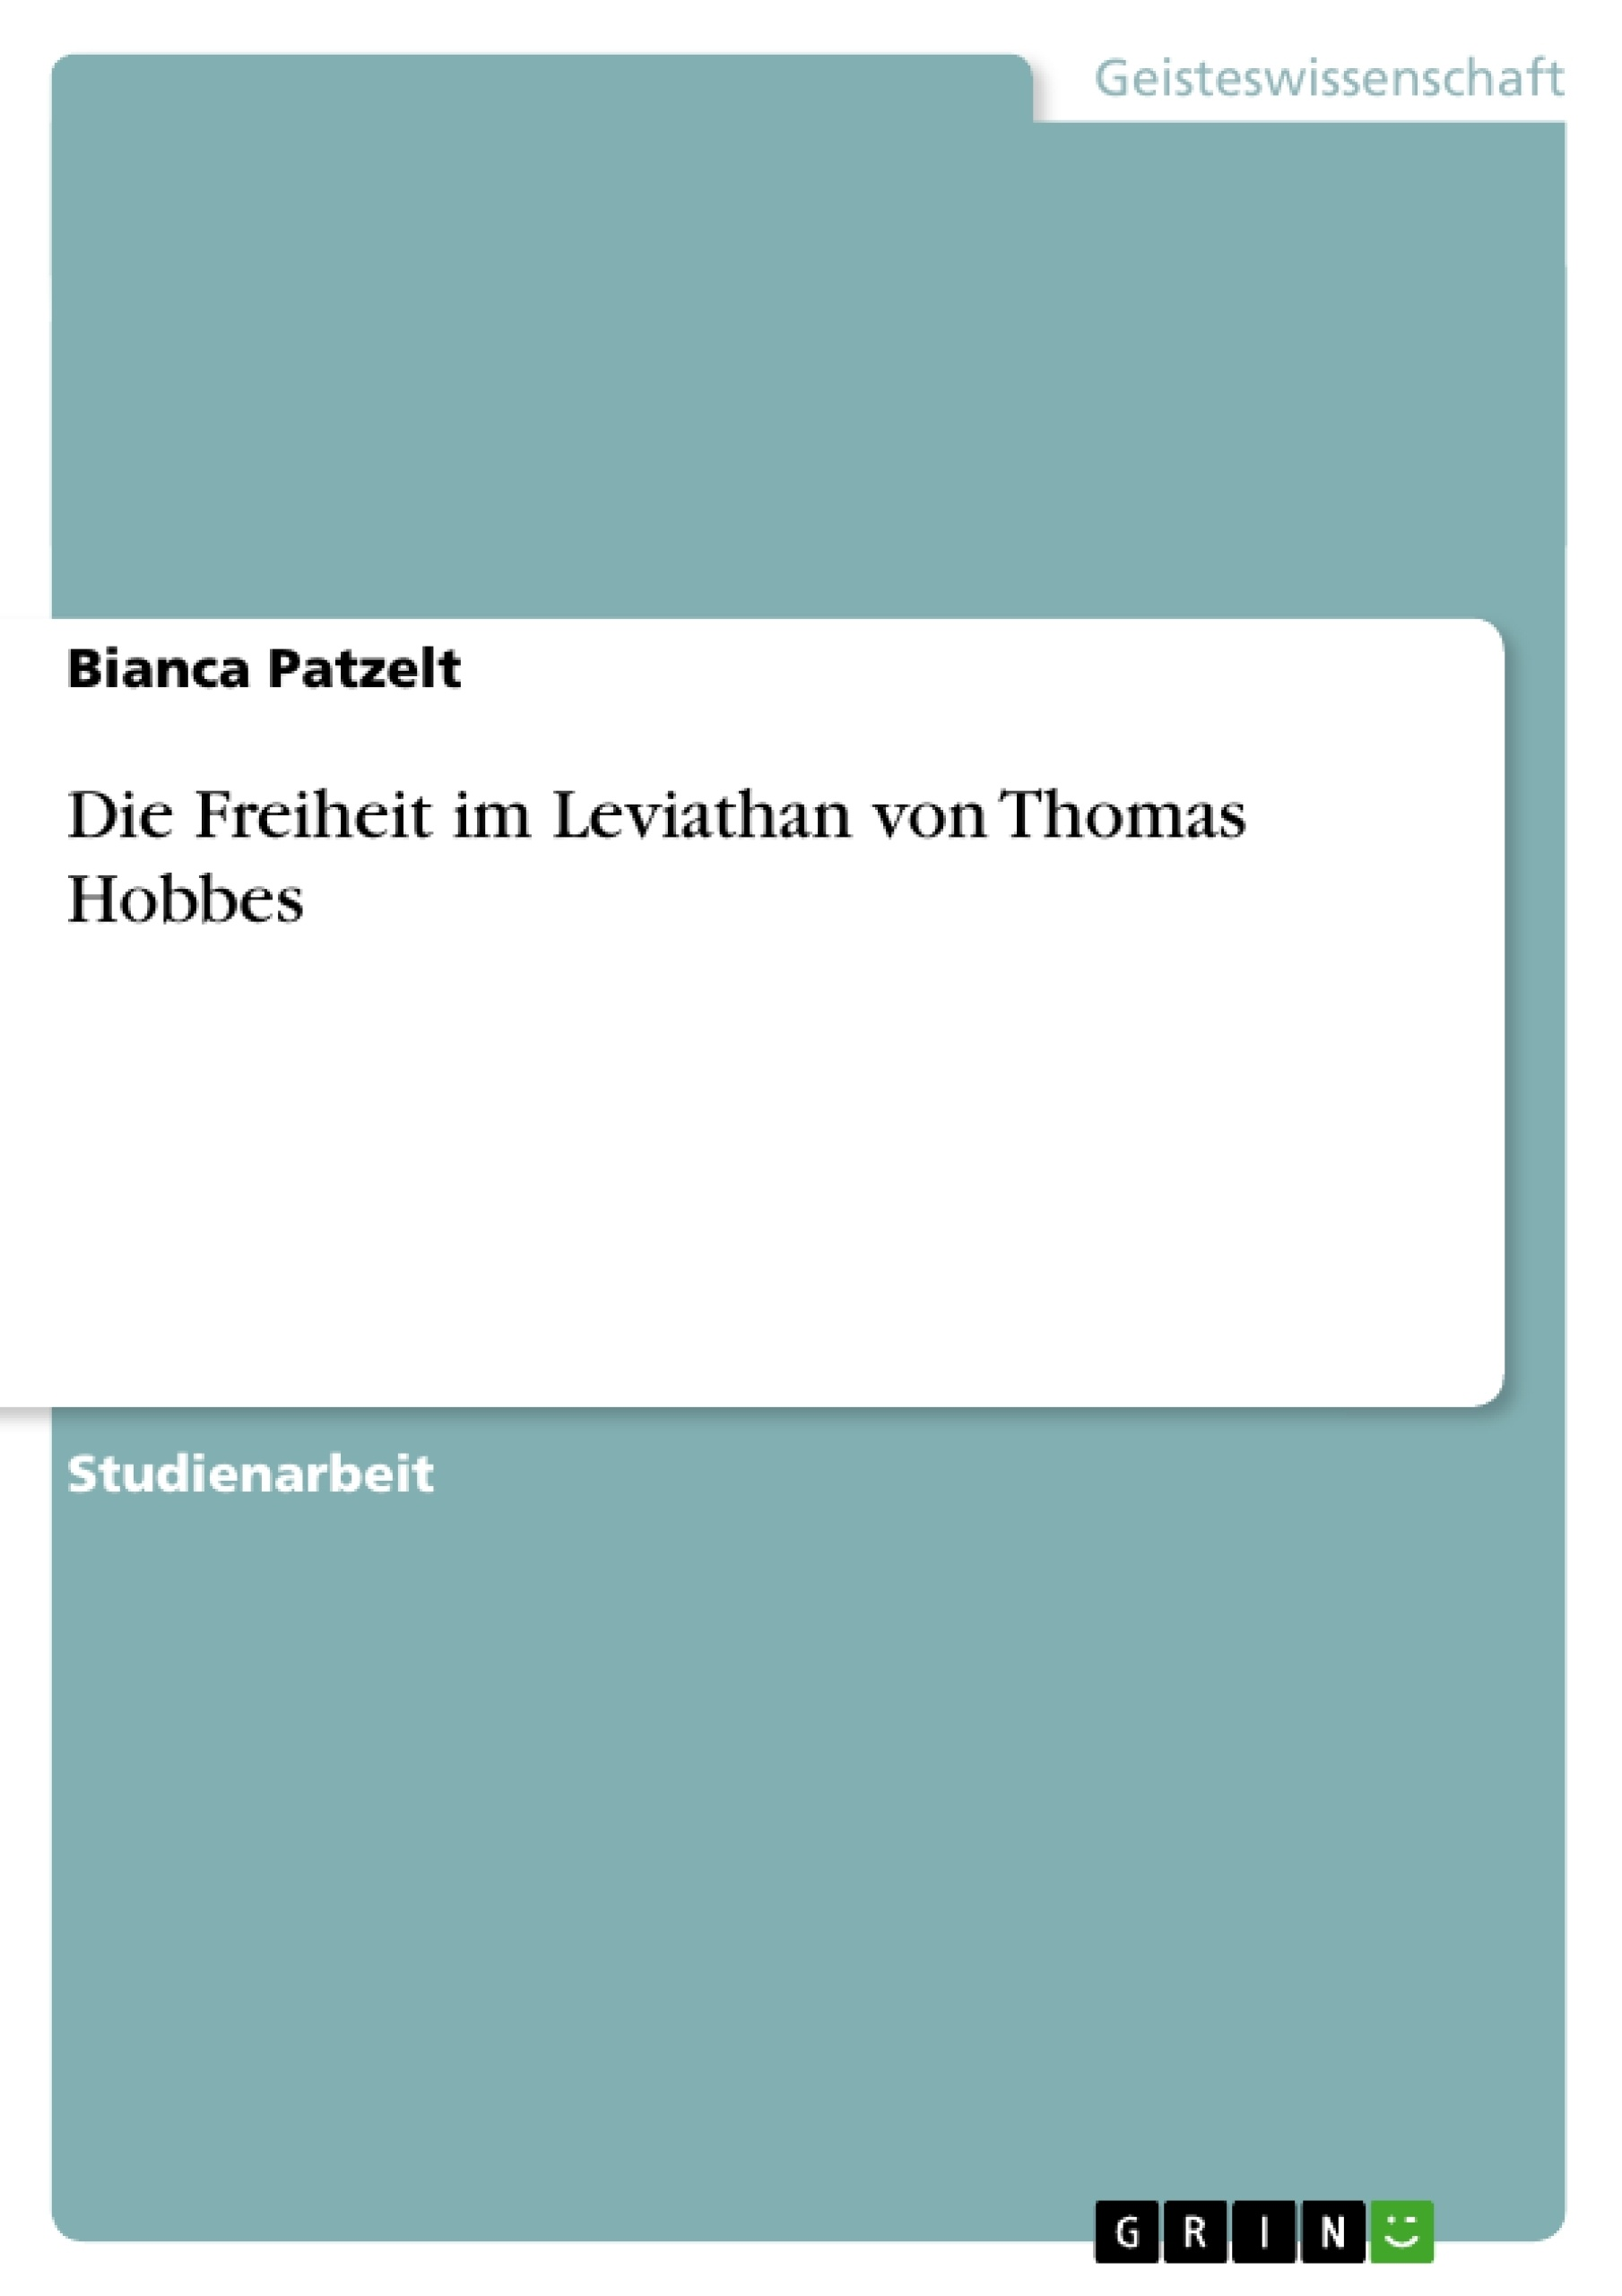 Titel: Die Freiheit im Leviathan von Thomas Hobbes